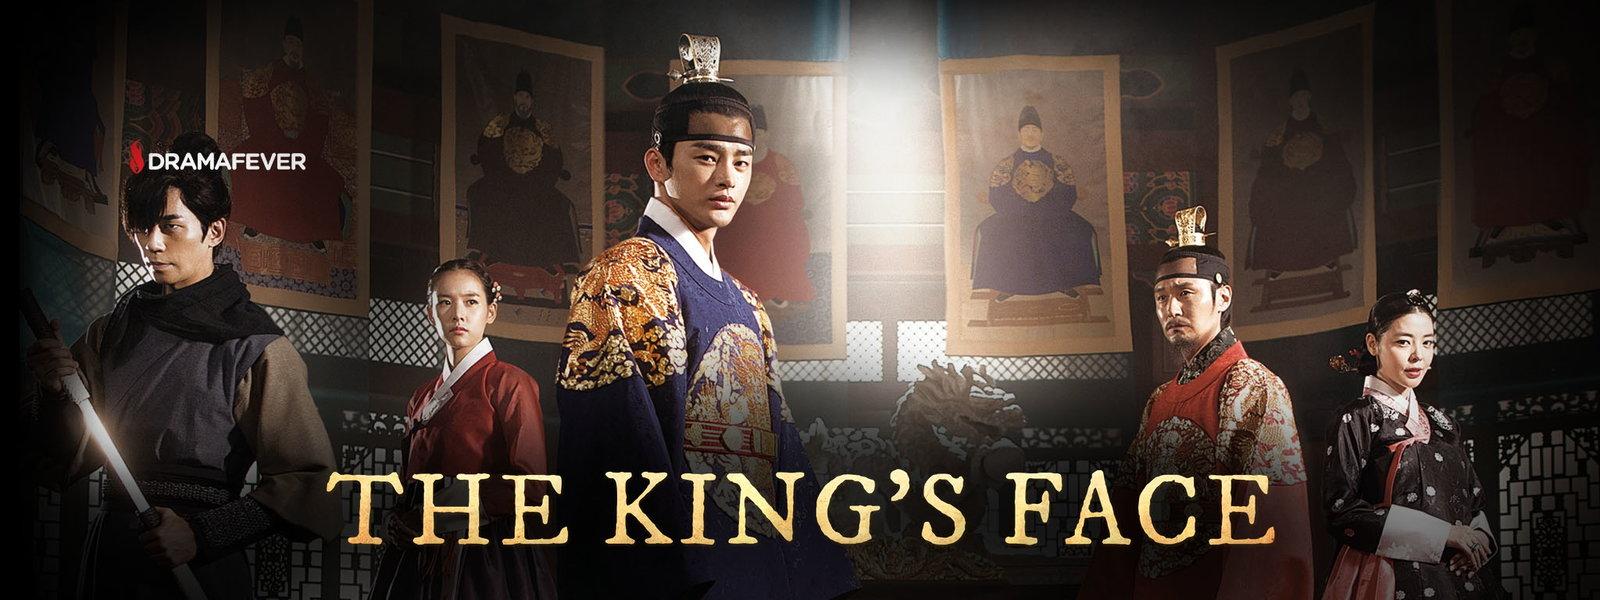 Arma secreta a regelui episodul 18